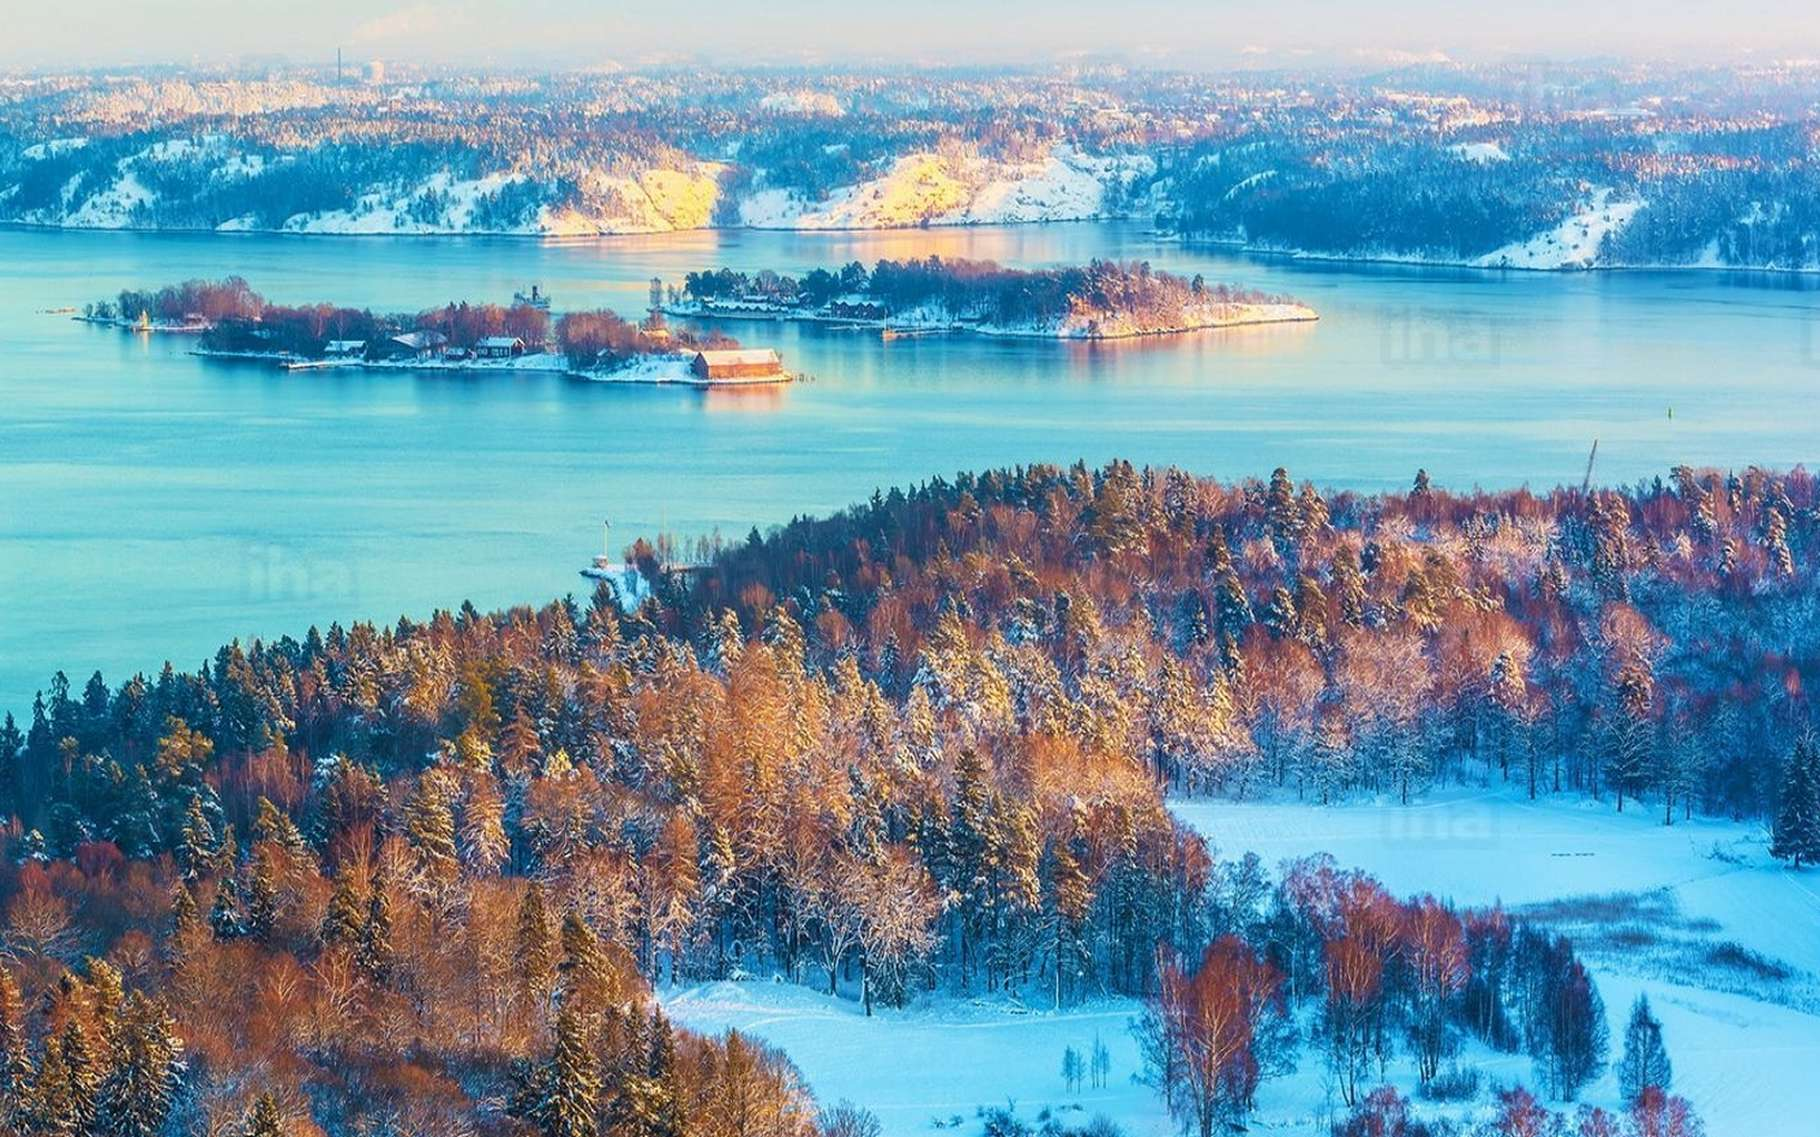 La Finlande veut réduire ses émissions de CO2 et met la priorité sur les énergies renouvelables. © Oleksiy Mark @CC, IHA